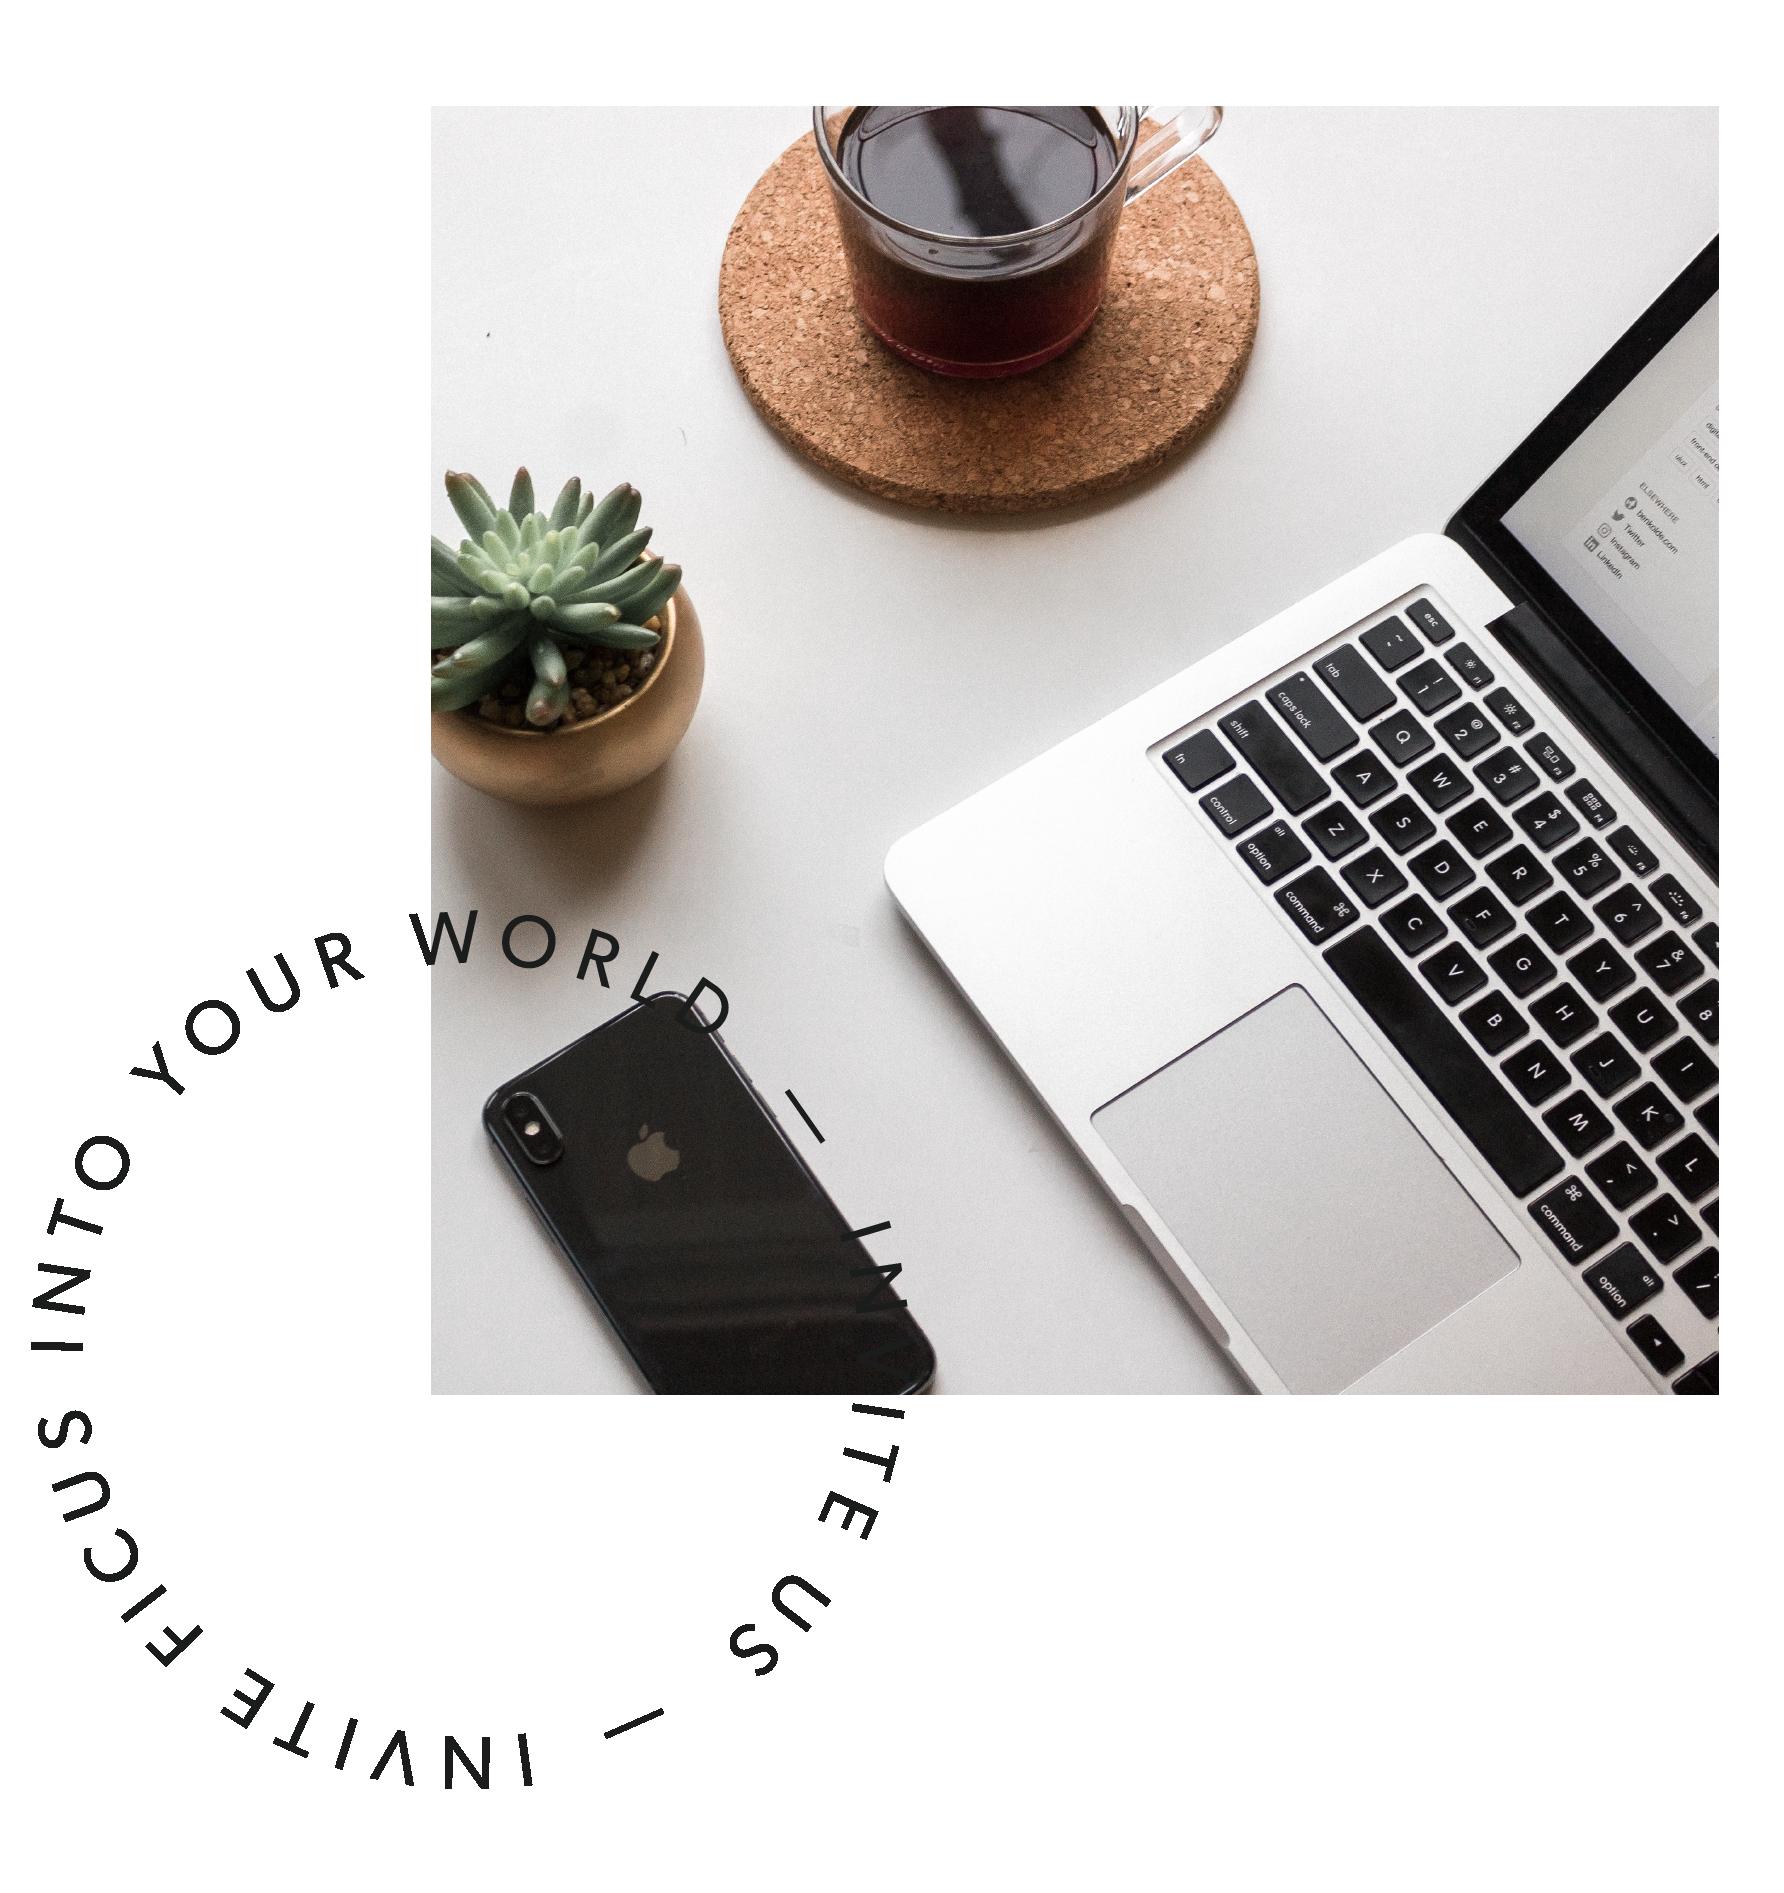 ficus-creative-studio-2018-website-elements-09.png